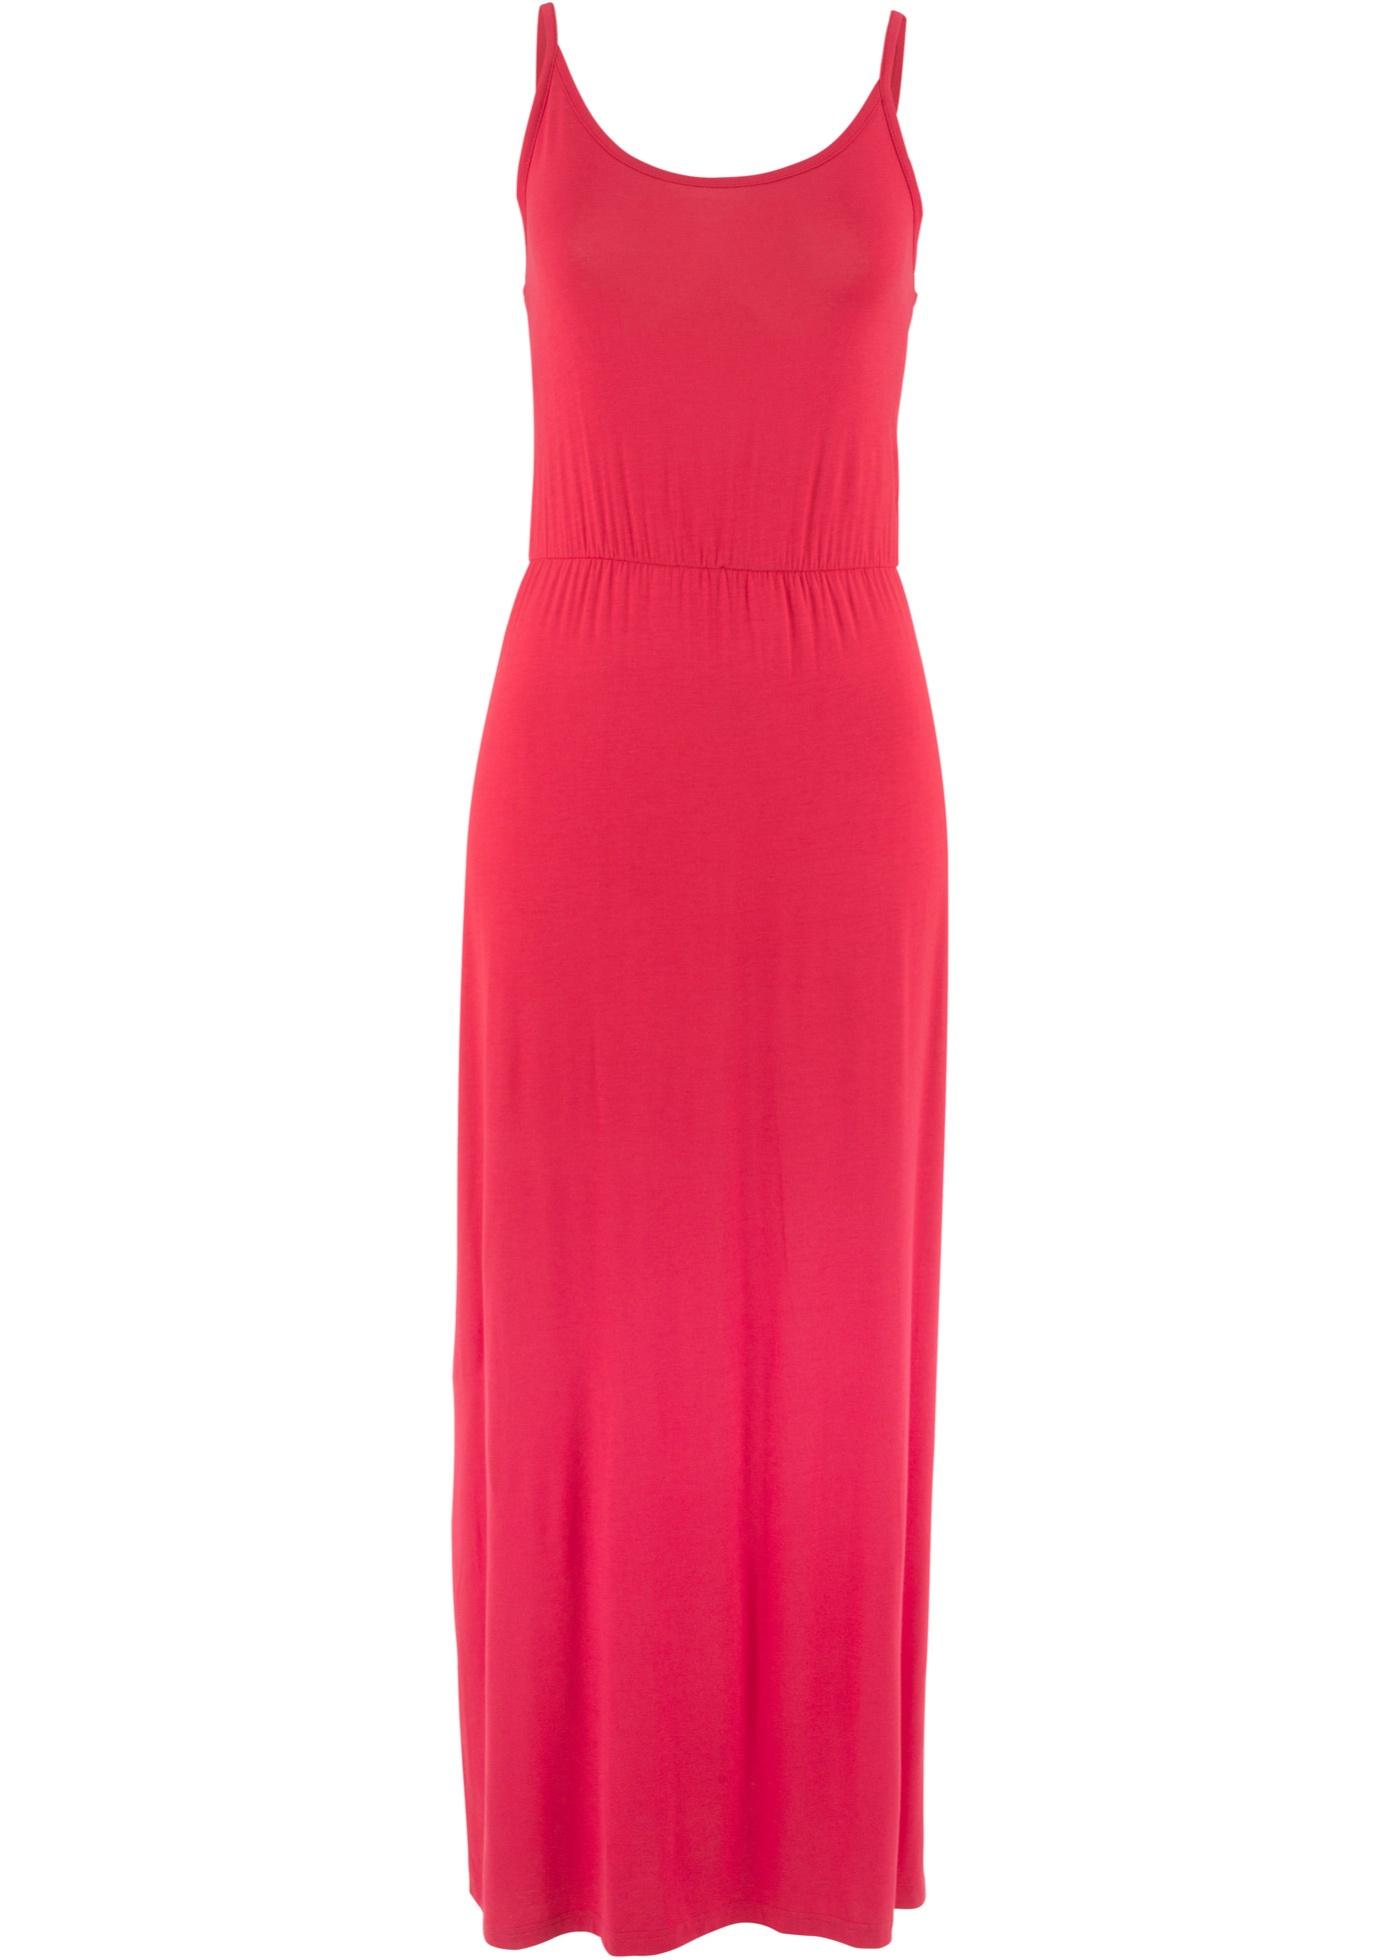 Úpletové šaty bez rukávů - Červená